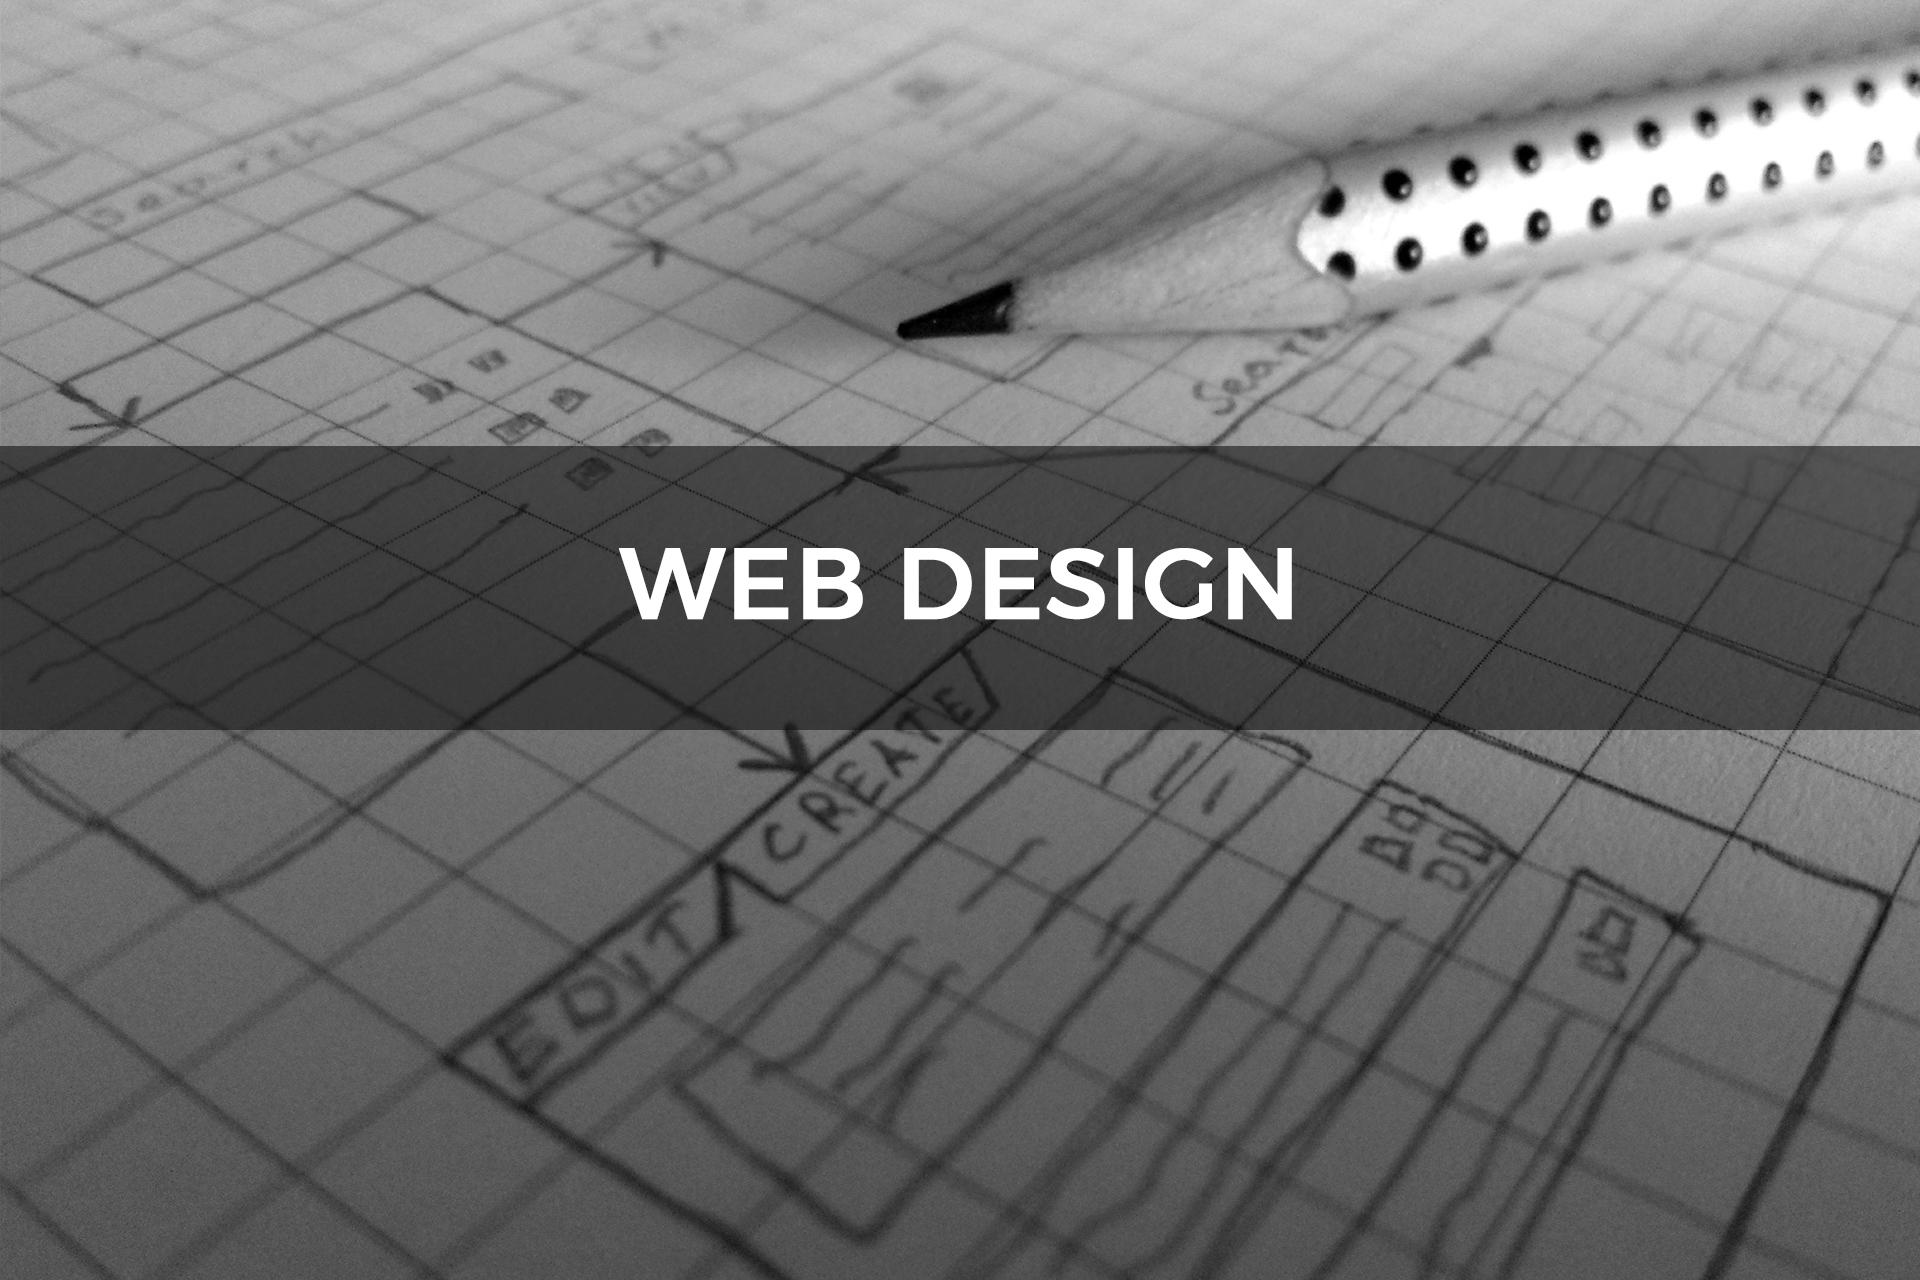 webdesign_bg.jpg